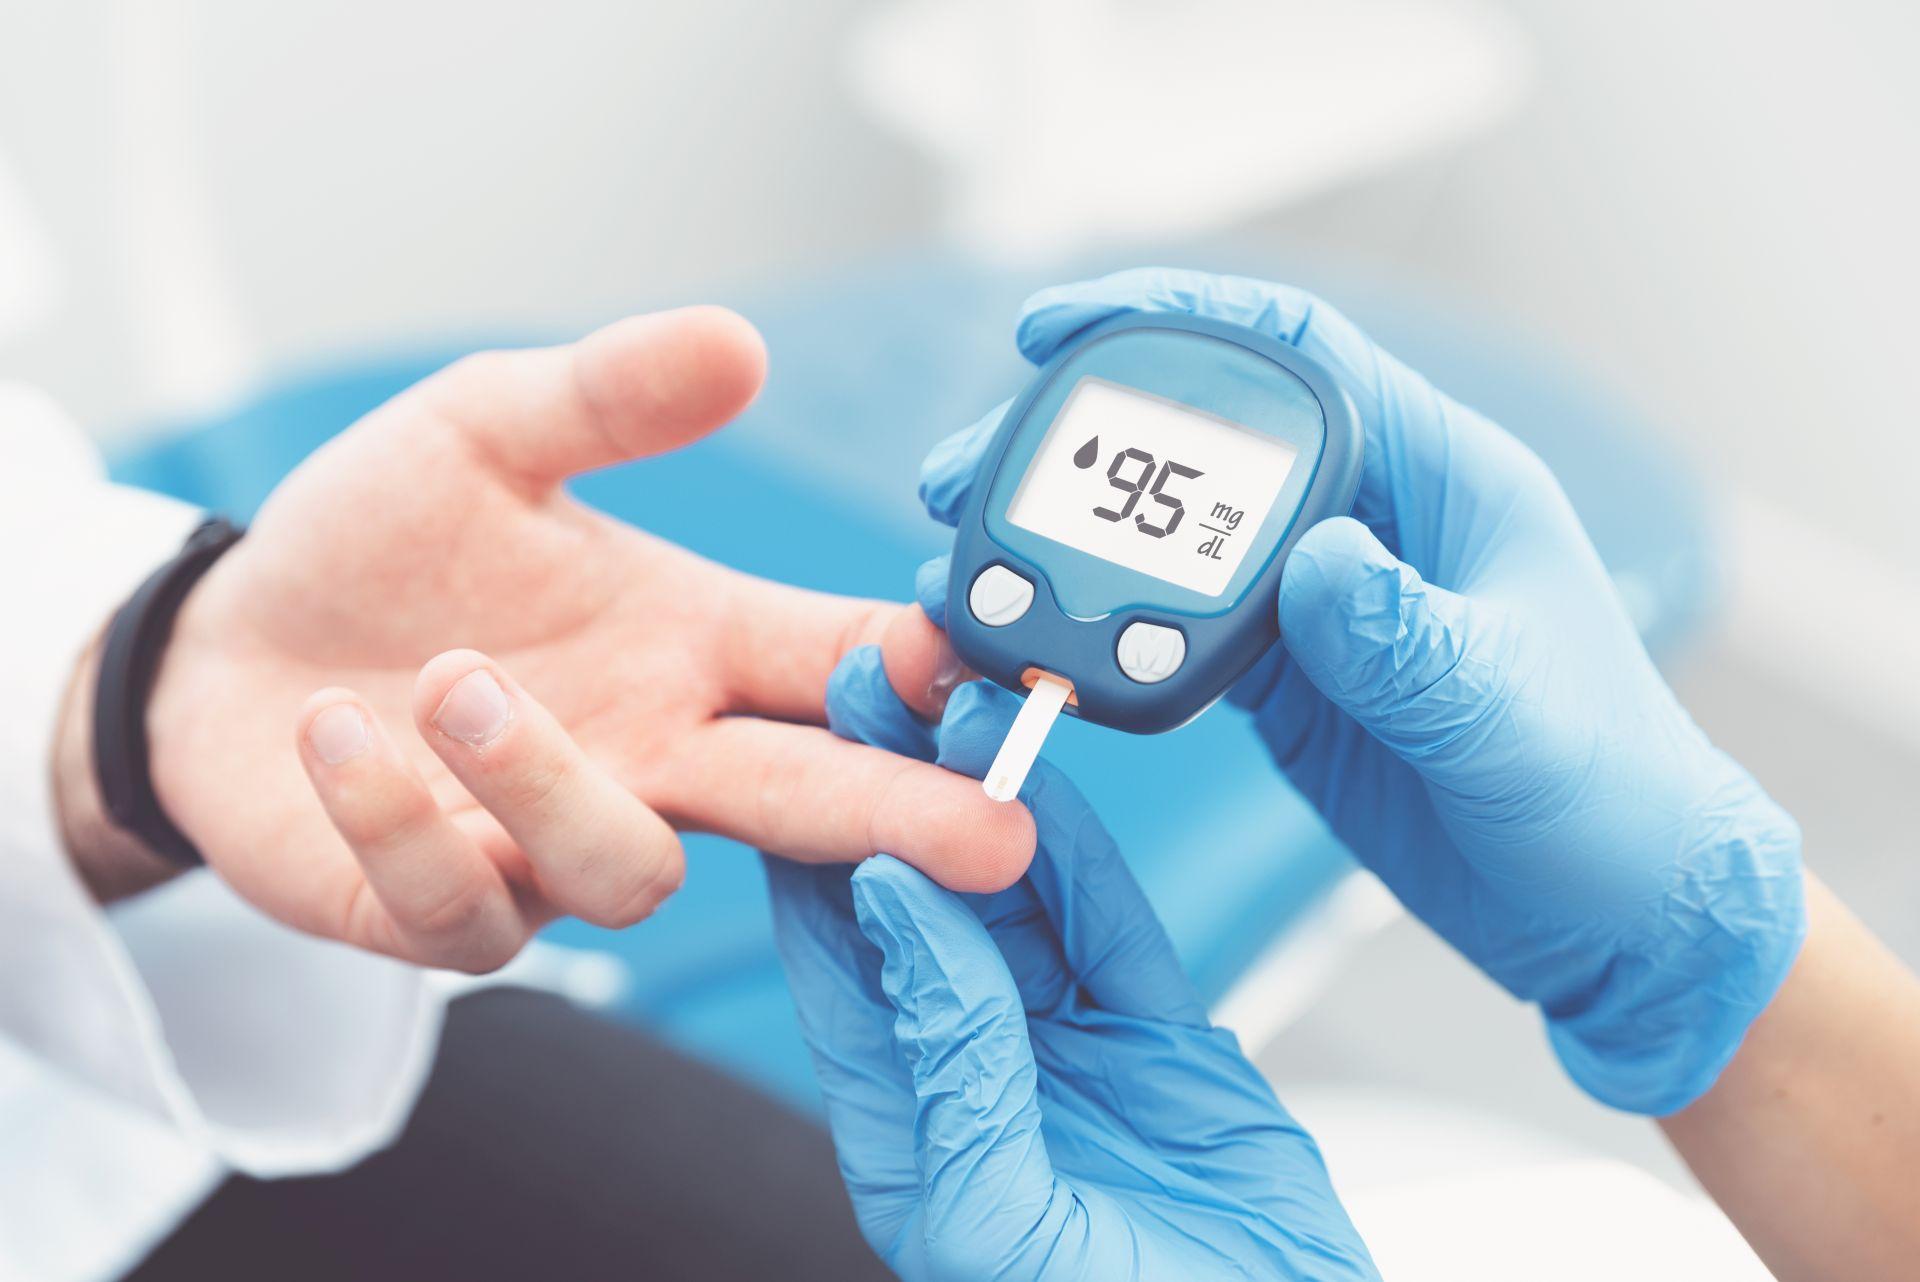 Dieta o niskim indeksie glikemicznym - jakie produkty wybierać, aby niwelować ryzyko wzrostu glukozy we krwi? Wysoki indeks glikemiczny może powodować wahania poziomu cukru we krwi, prowadzić do otyłości, cukrzycy typu 2 i chorób.